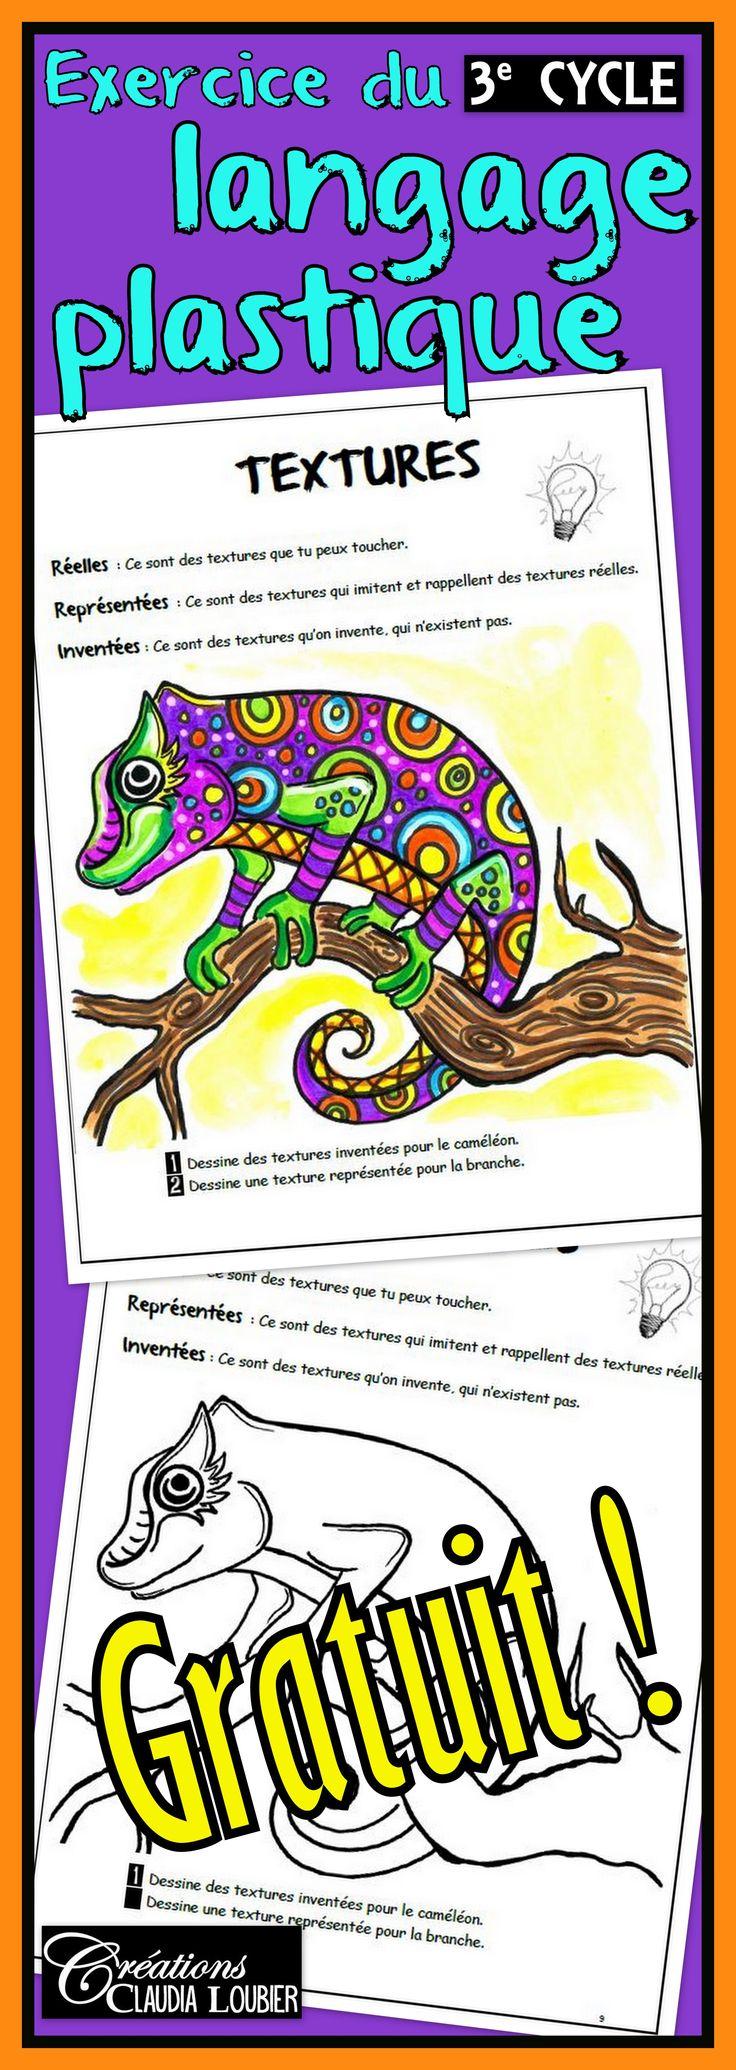 Il me fait plaisir de vous offrir cet exercice du langage plastique pour le 3e cycle.Travailler les textures représentées et réelles en complétant le caméléon. Consignes simples et faciles à suivre. Cet exercice fait partie d'un ensemble de 14 exercices visant à travailler la totalité des notions à voir au troisième cycle du primaire en arts plastiques.